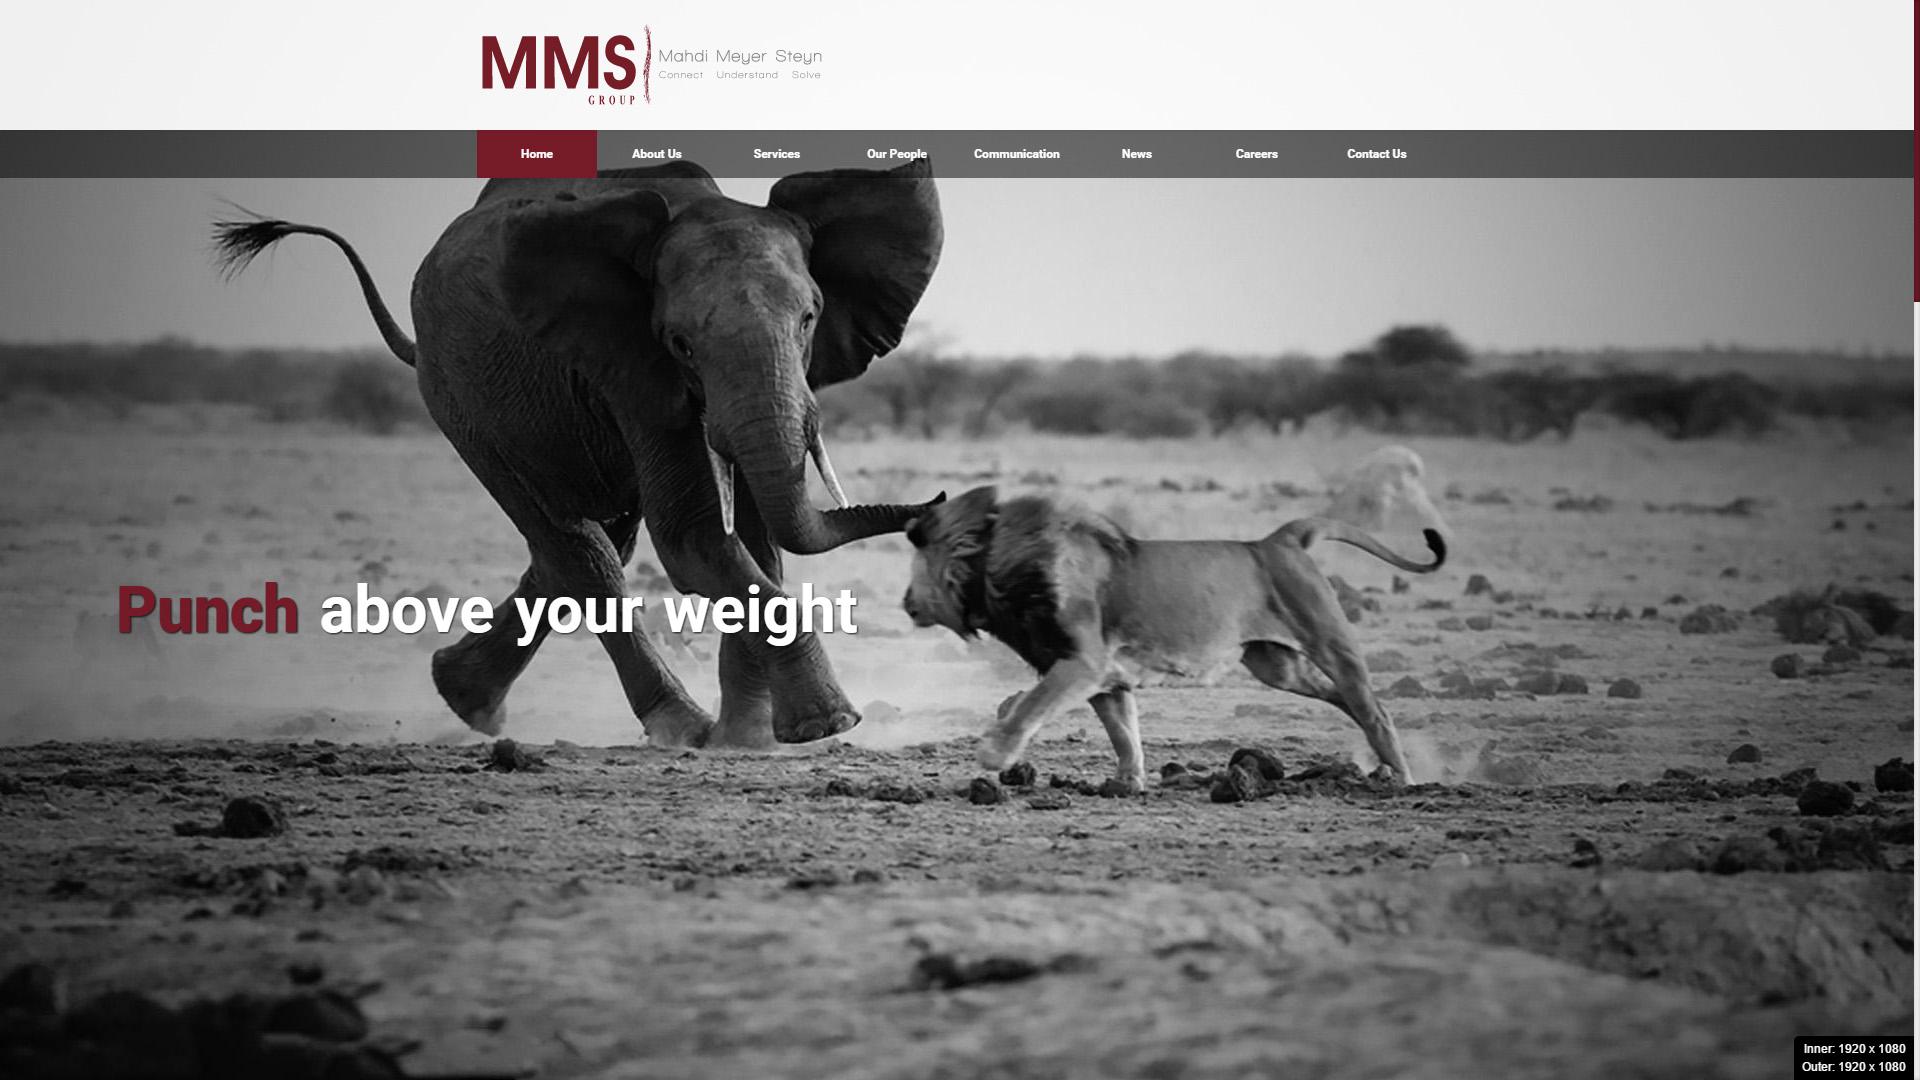 MMS Website